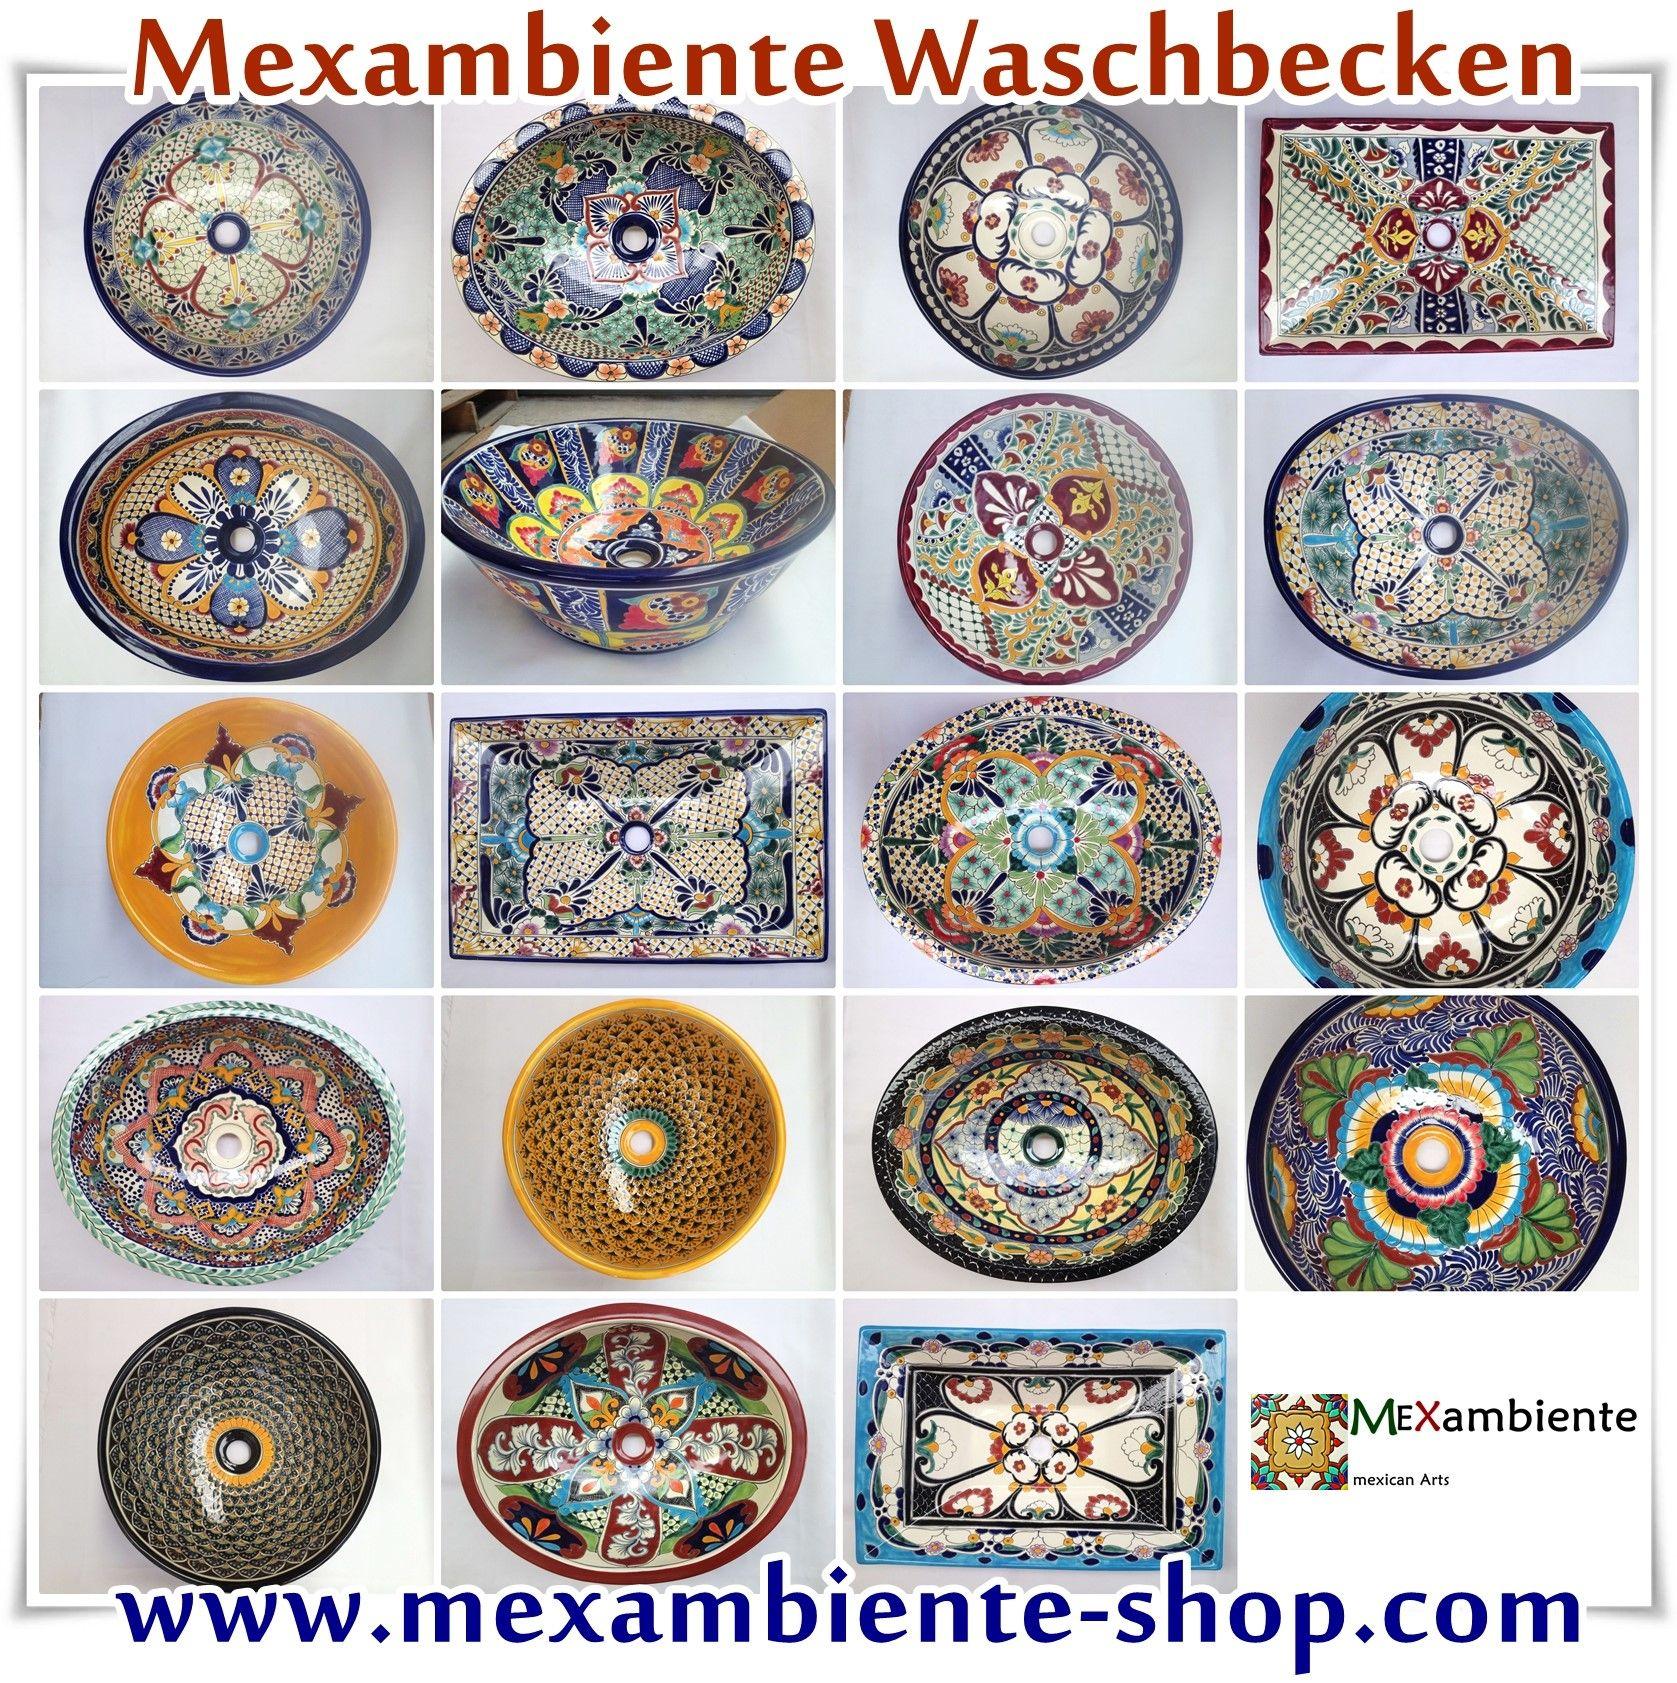 Elegant Bunte Waschbecken Galerie Von Mexikanische 2014 Von Mexambiente - Waschbecken, Handbemalte